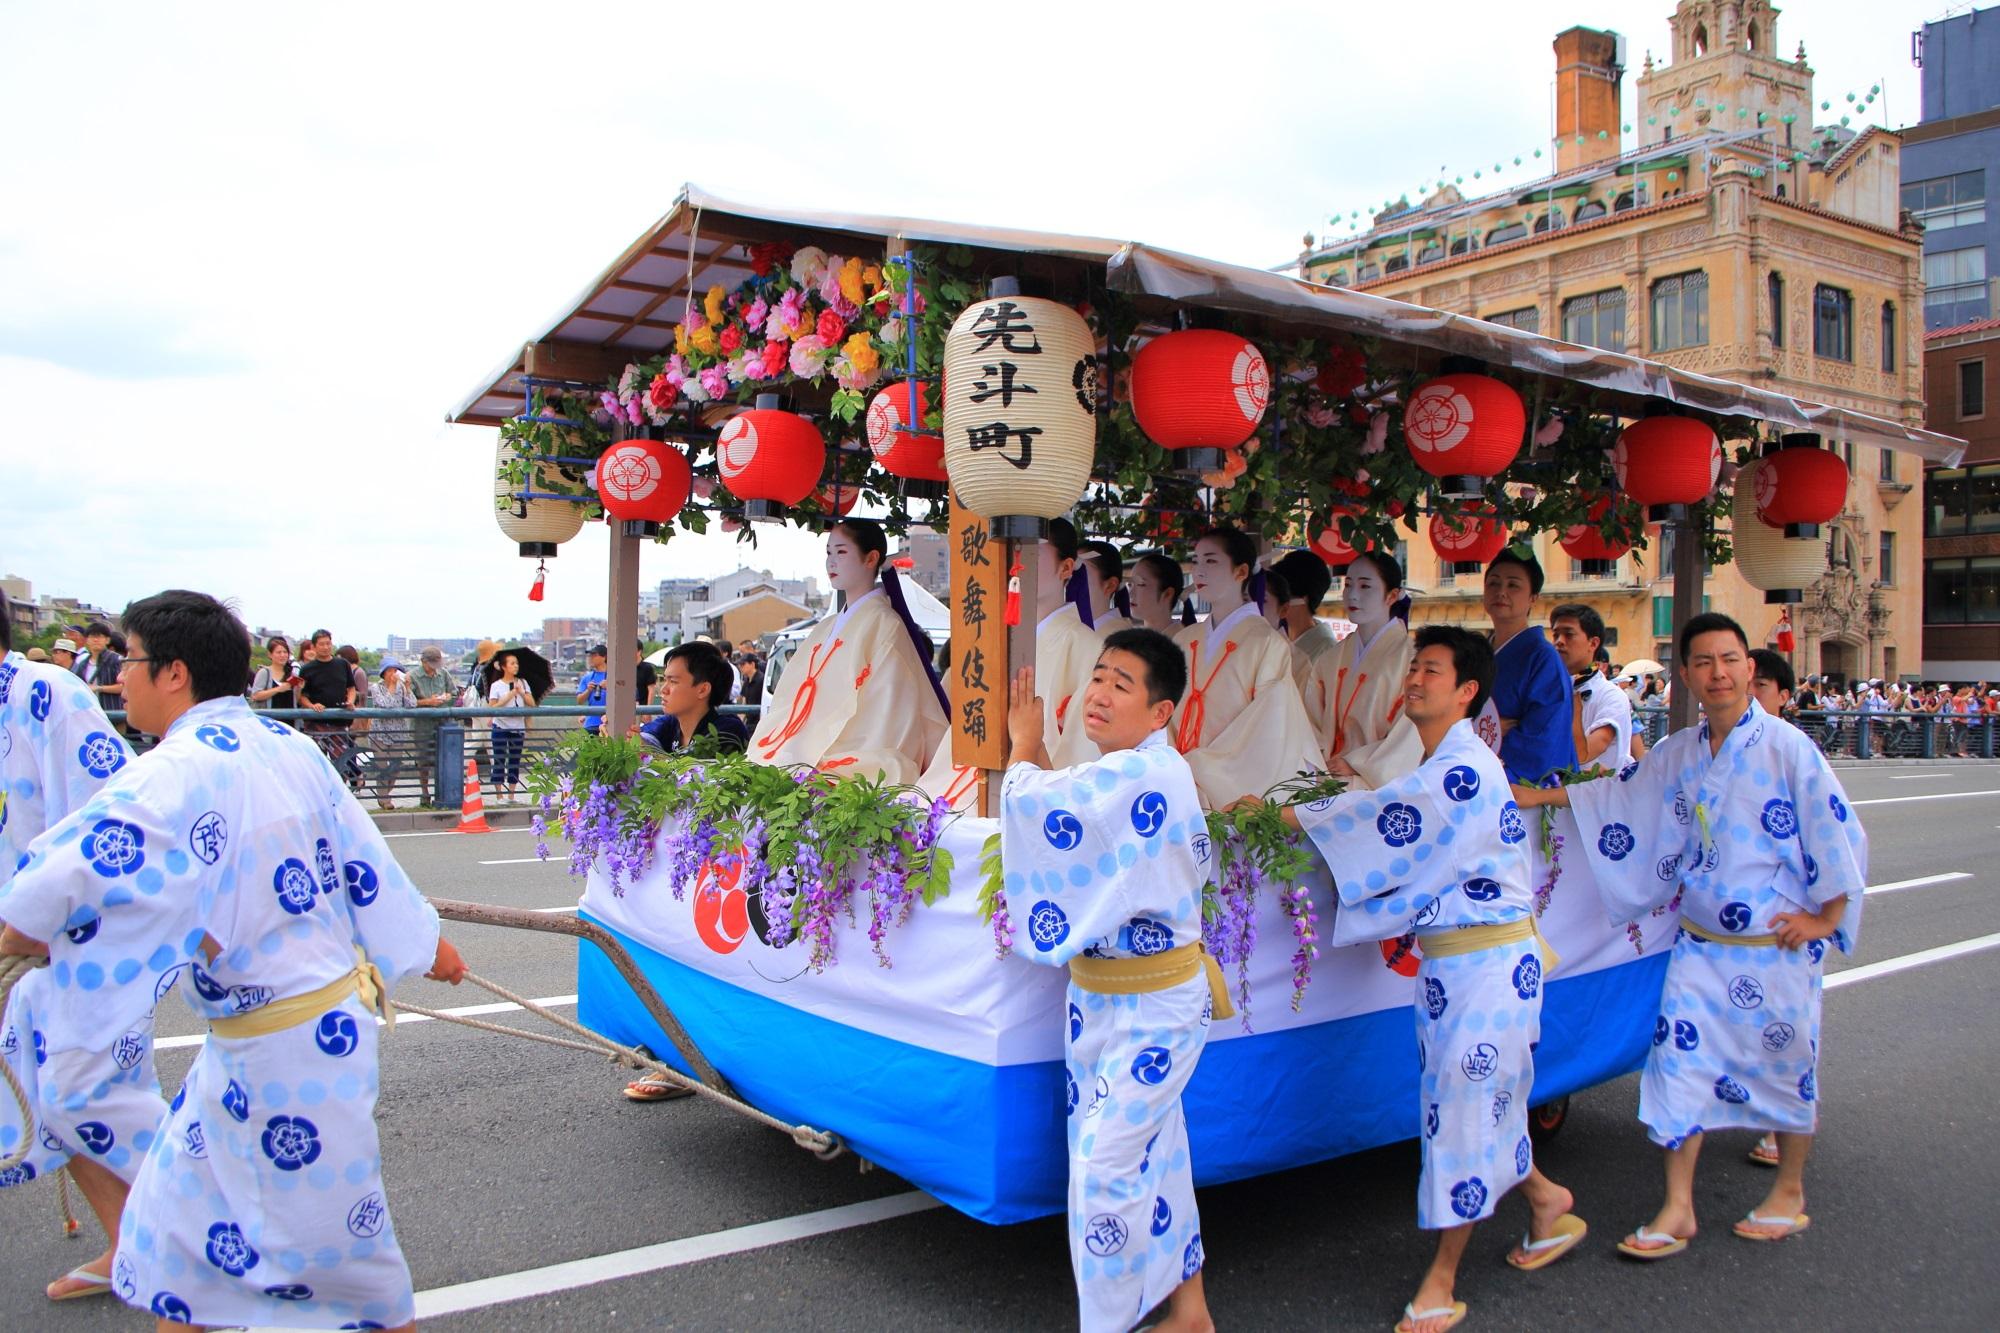 先斗町お茶屋組合花傘 祇園祭 花傘巡行